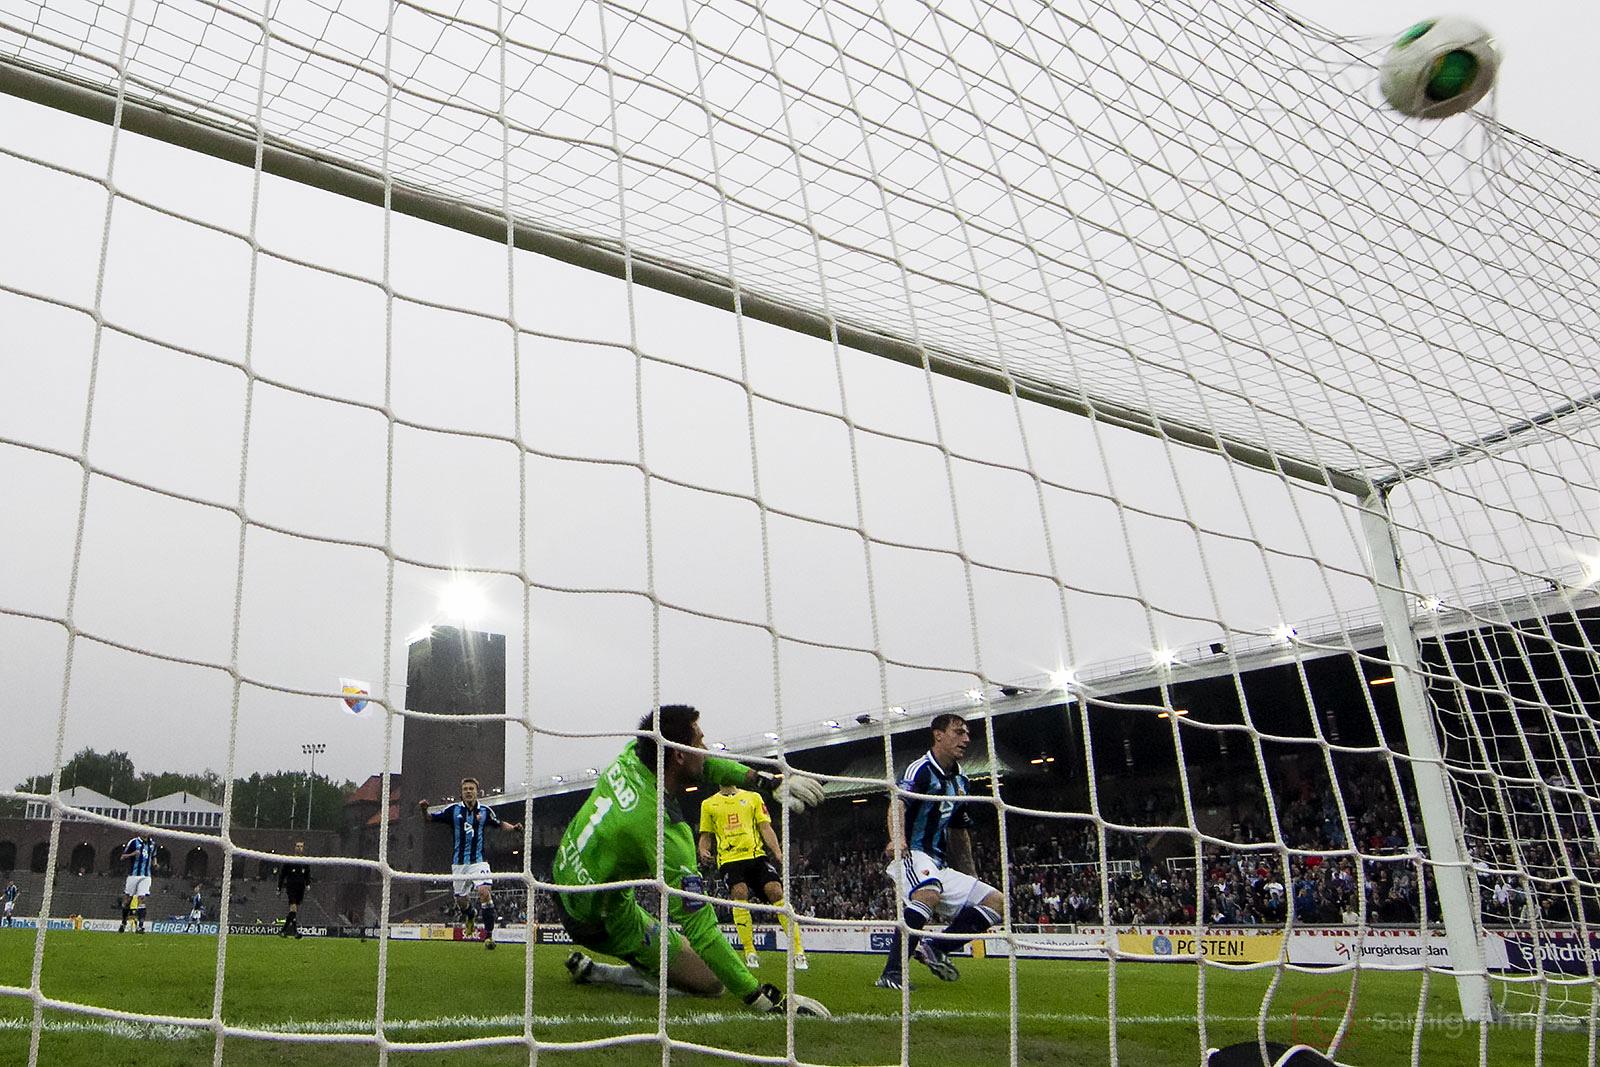 Mål av Djurgården Erton Fejzullahu bakom Halmstad målvakt Stojan Lukic